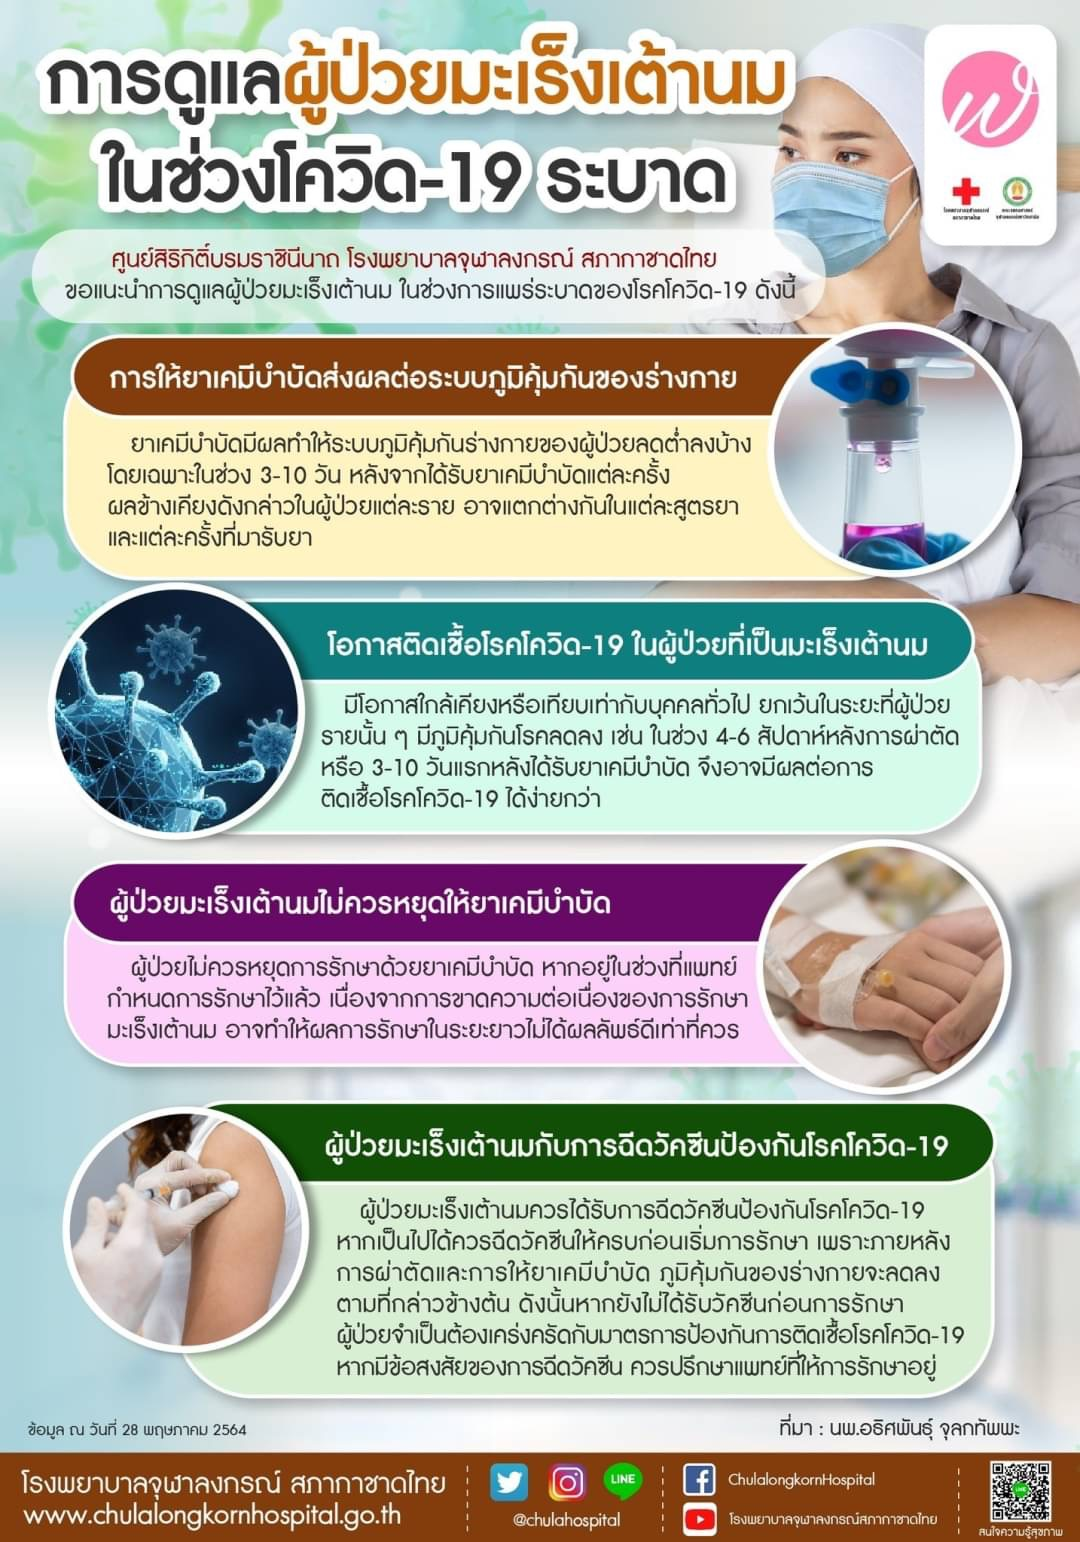 การดูแลผู้ป่วยมะเร็งเต้านมในช่วงโควิด-19 ระบาด